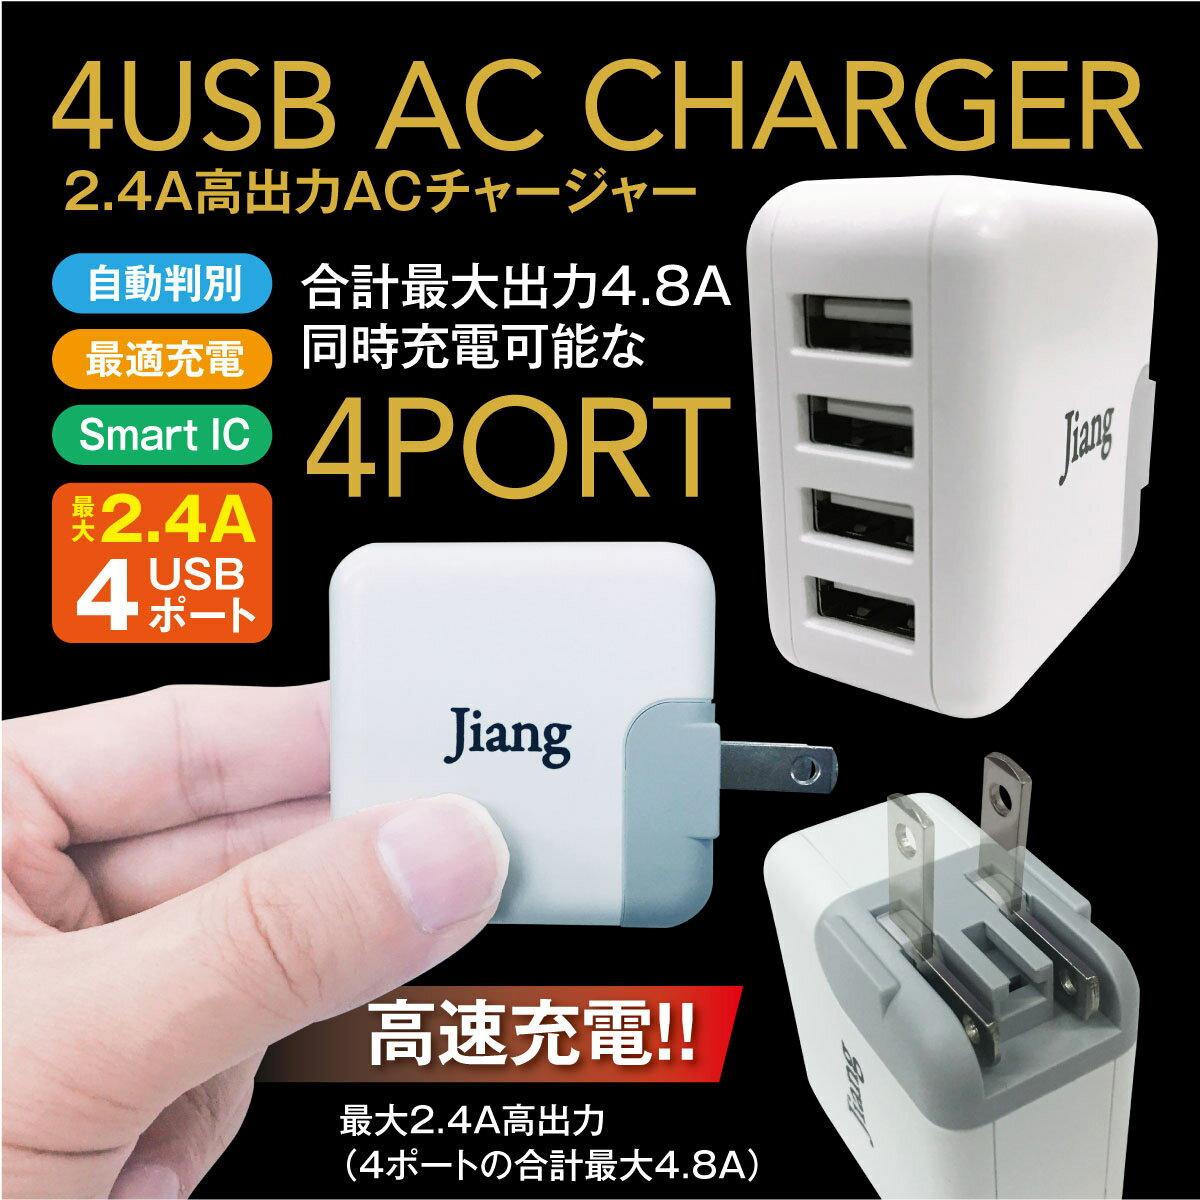 ACアダプター 4ポート USB 充電器 チャージャー PSE認証 USB充電器 4.8A 4口 コンセント 電源タップ 軽量 同時充電 アダプター USBアダプタ スマホ充電器 アイフォン充電器 iphone android スマートフォン アイパッド アダプタ ACアダプタ jiang-ac02